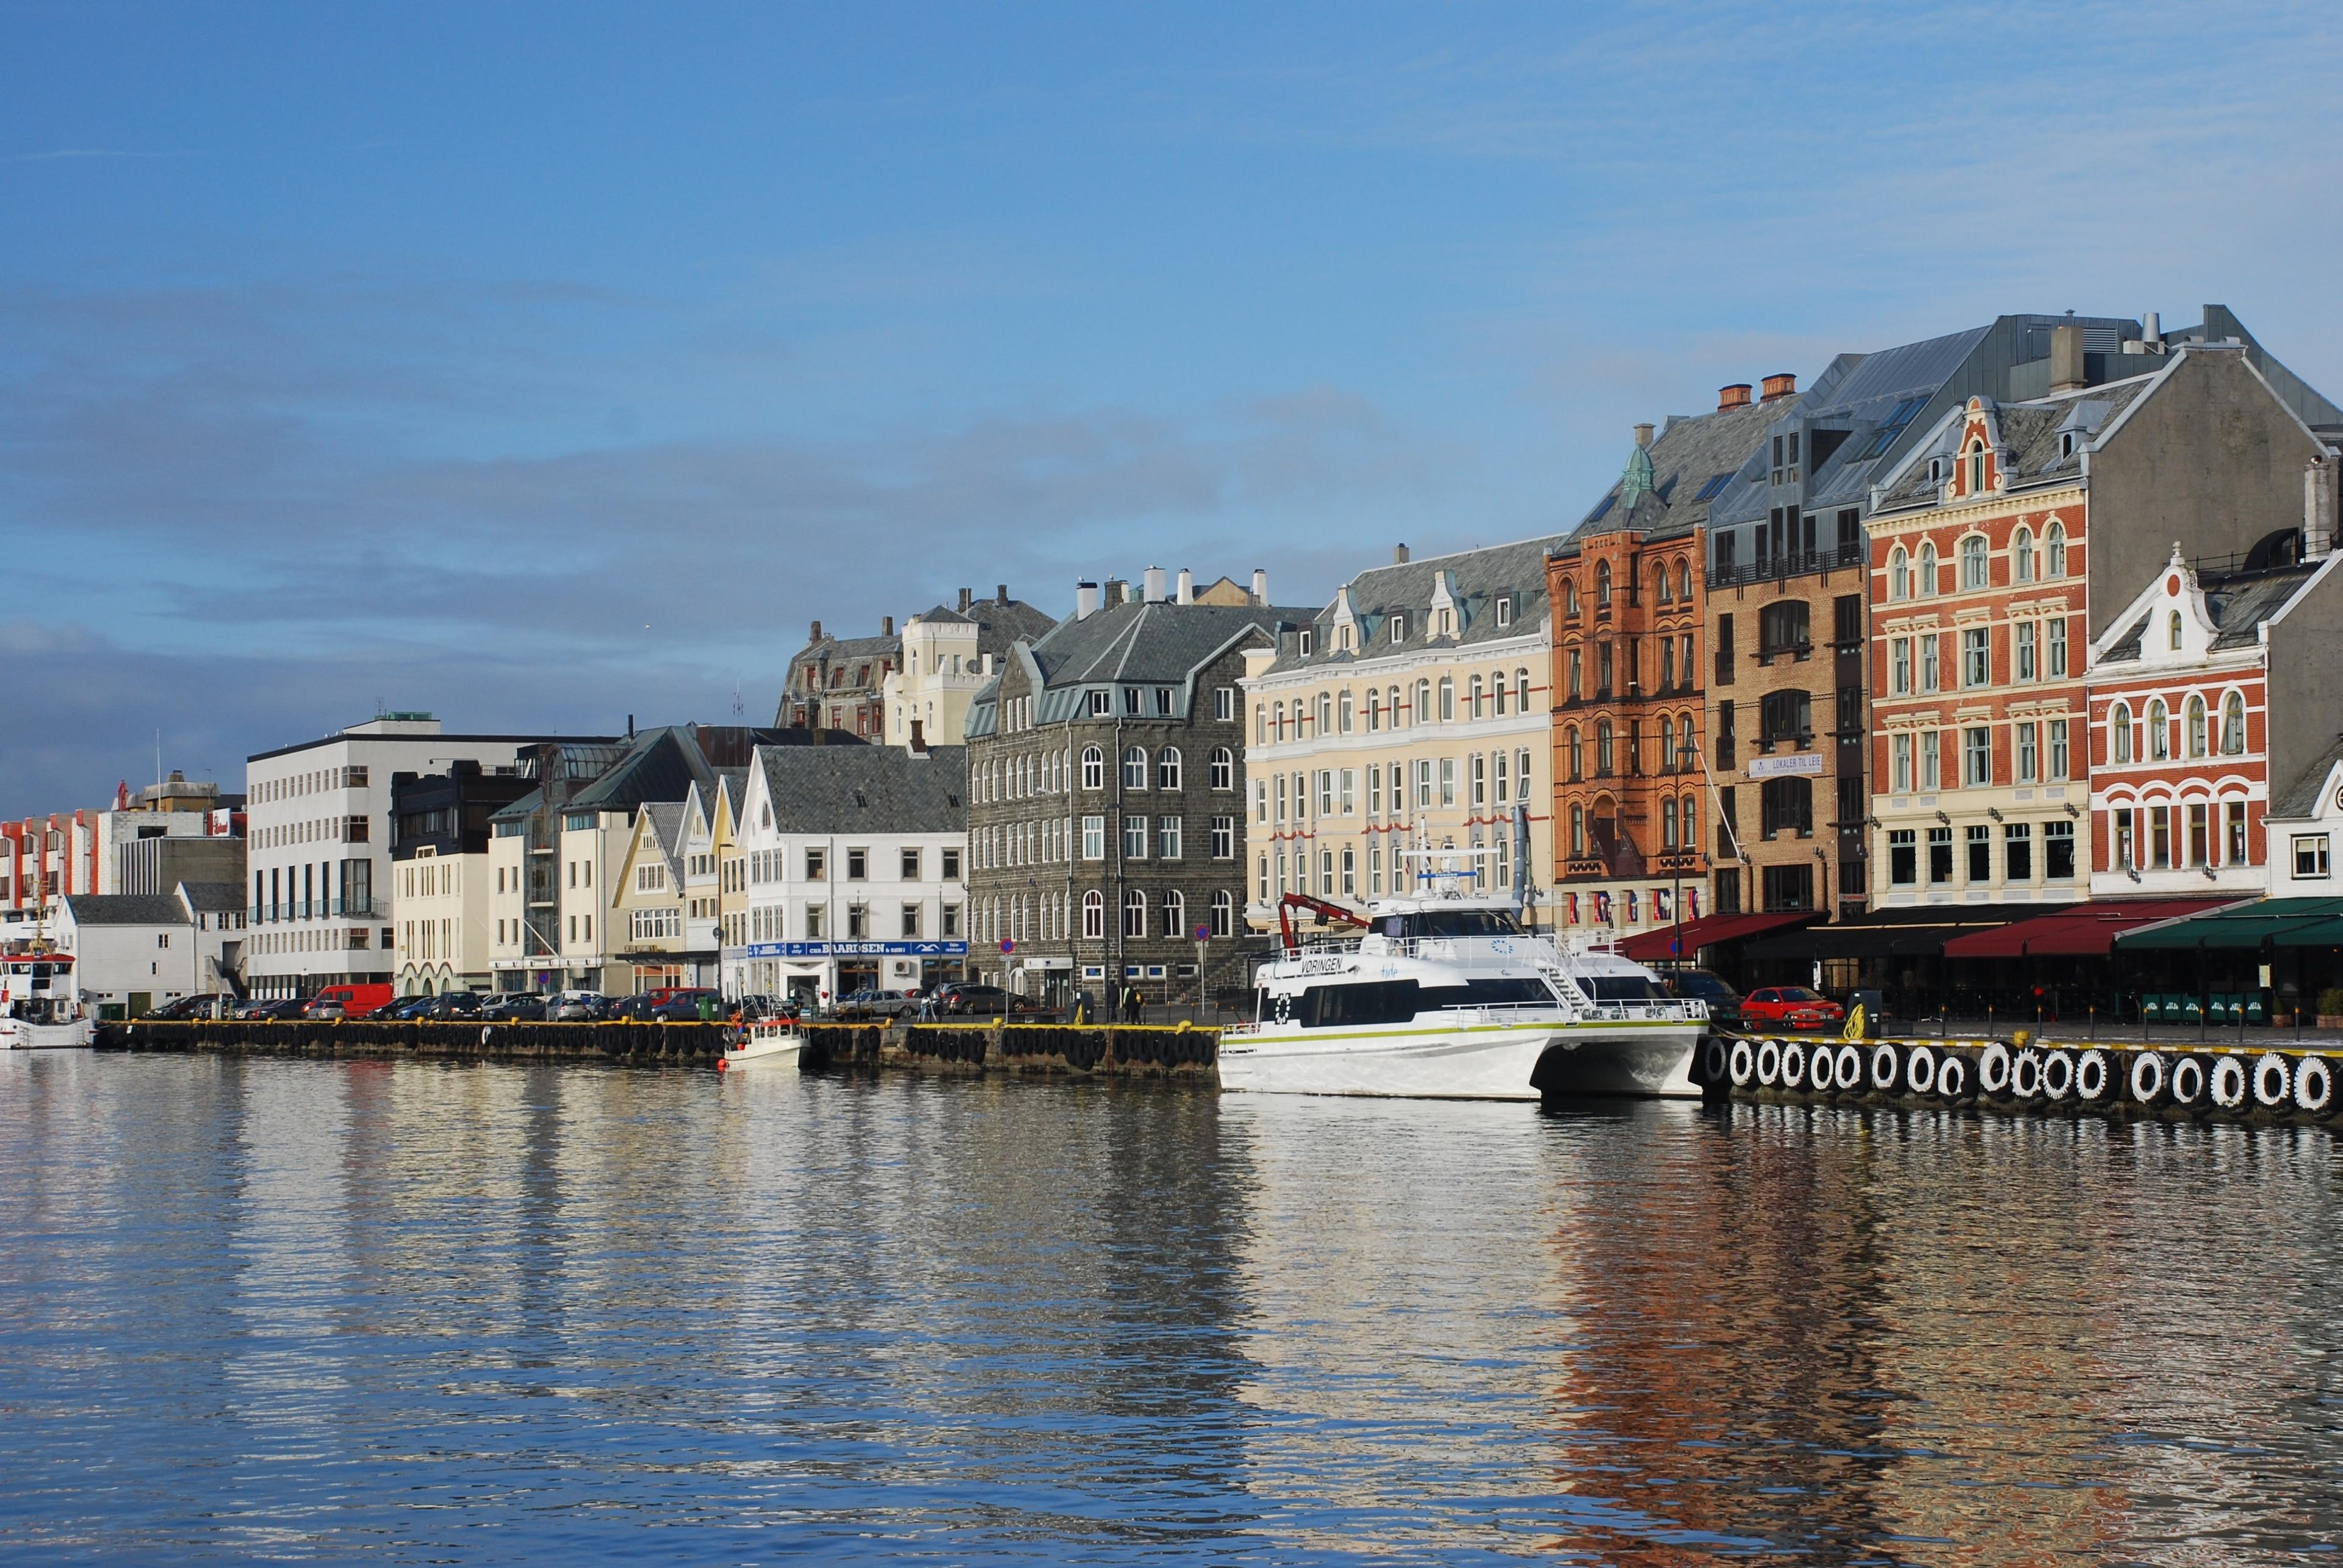 Haugesund, Rogaland, Norway